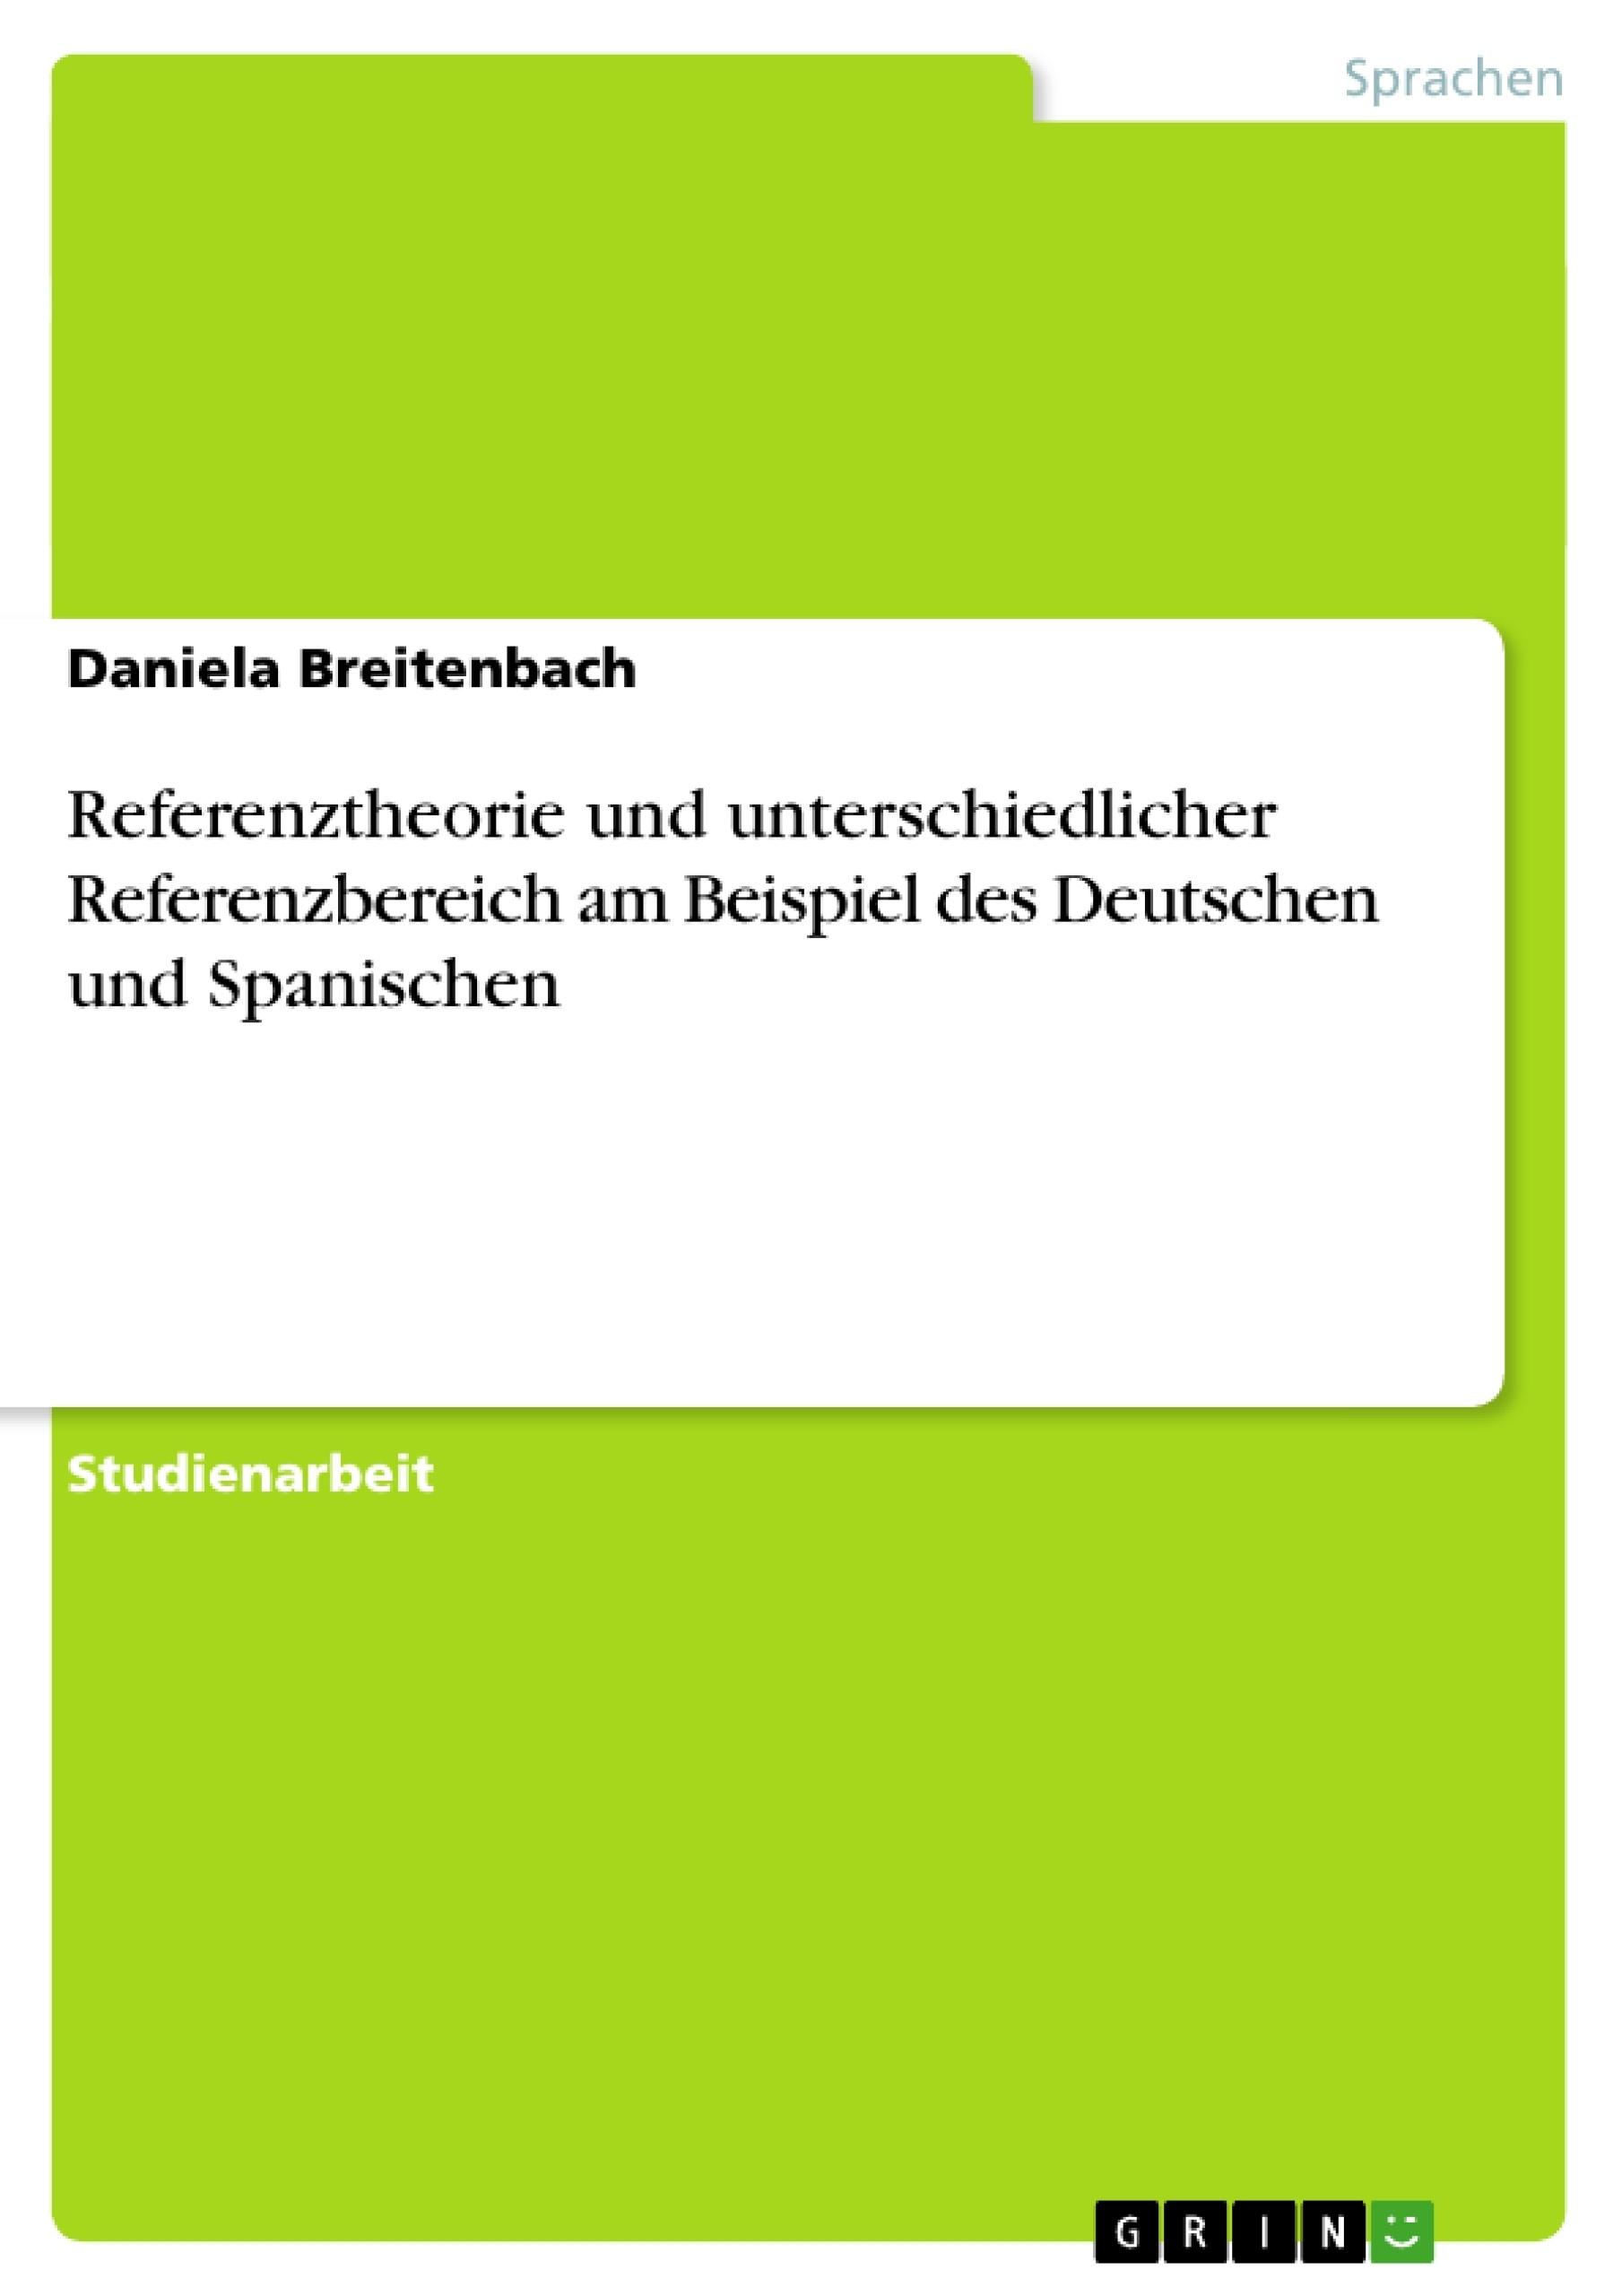 Titel: Referenztheorie und unterschiedlicher Referenzbereich am Beispiel des Deutschen und Spanischen